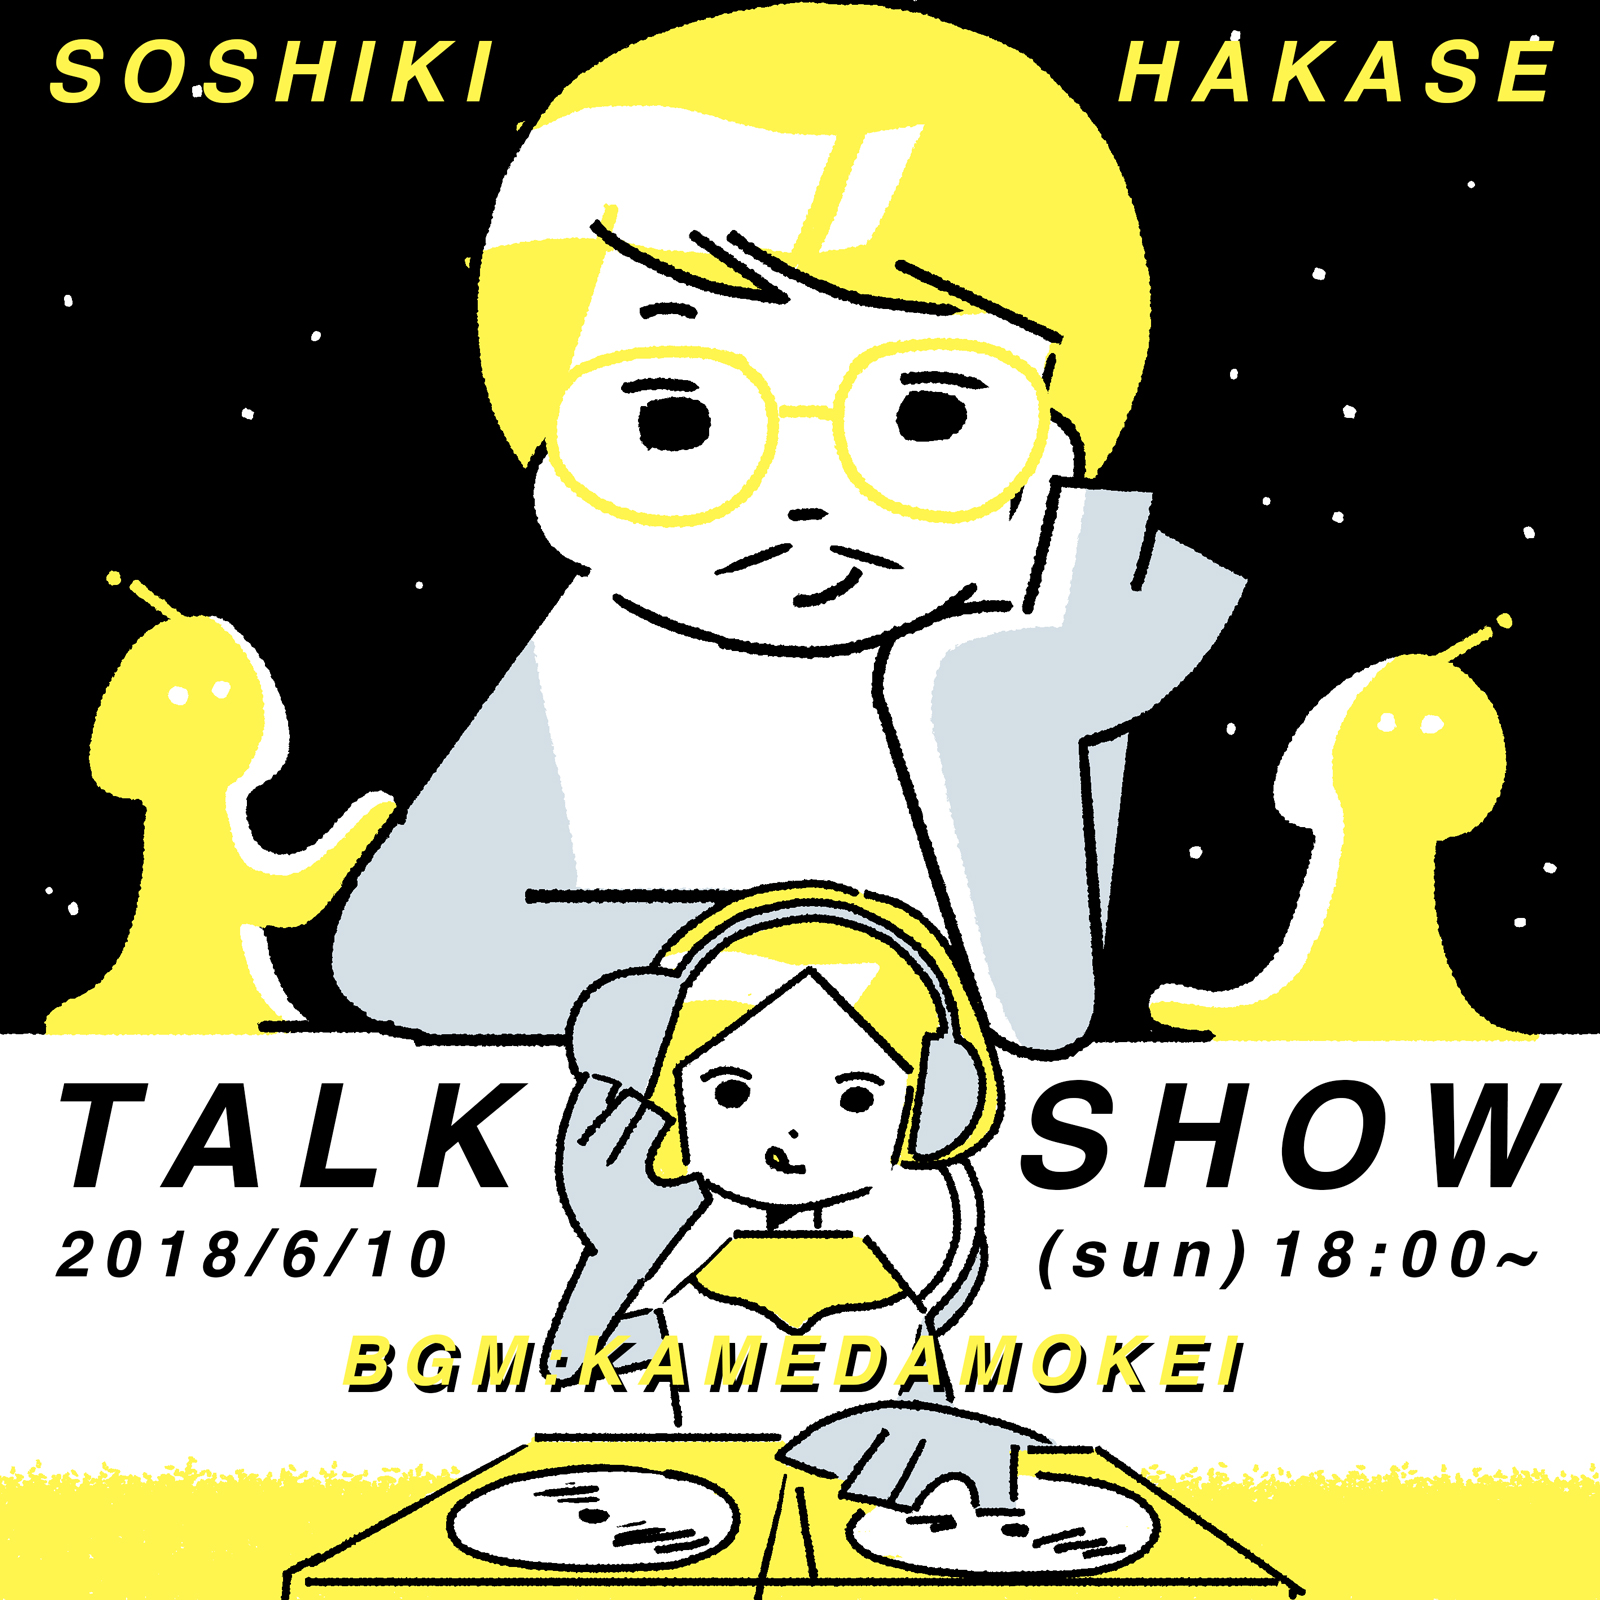 soshiki_talk